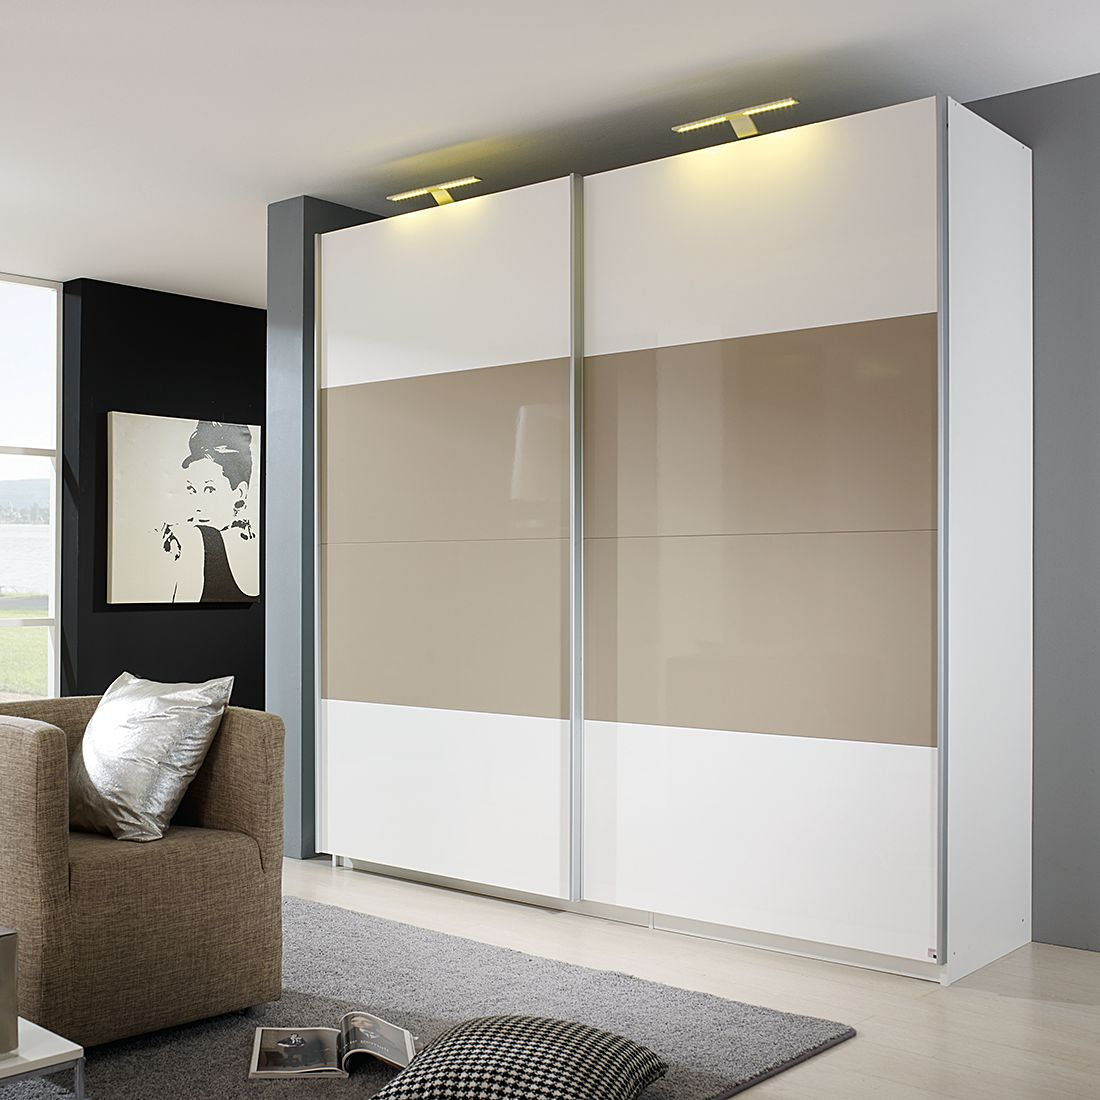 Schwebetürenschrank grau hochglanz  Rauch Select Schwebetürenschrank – für ein modernes Heim   Home24